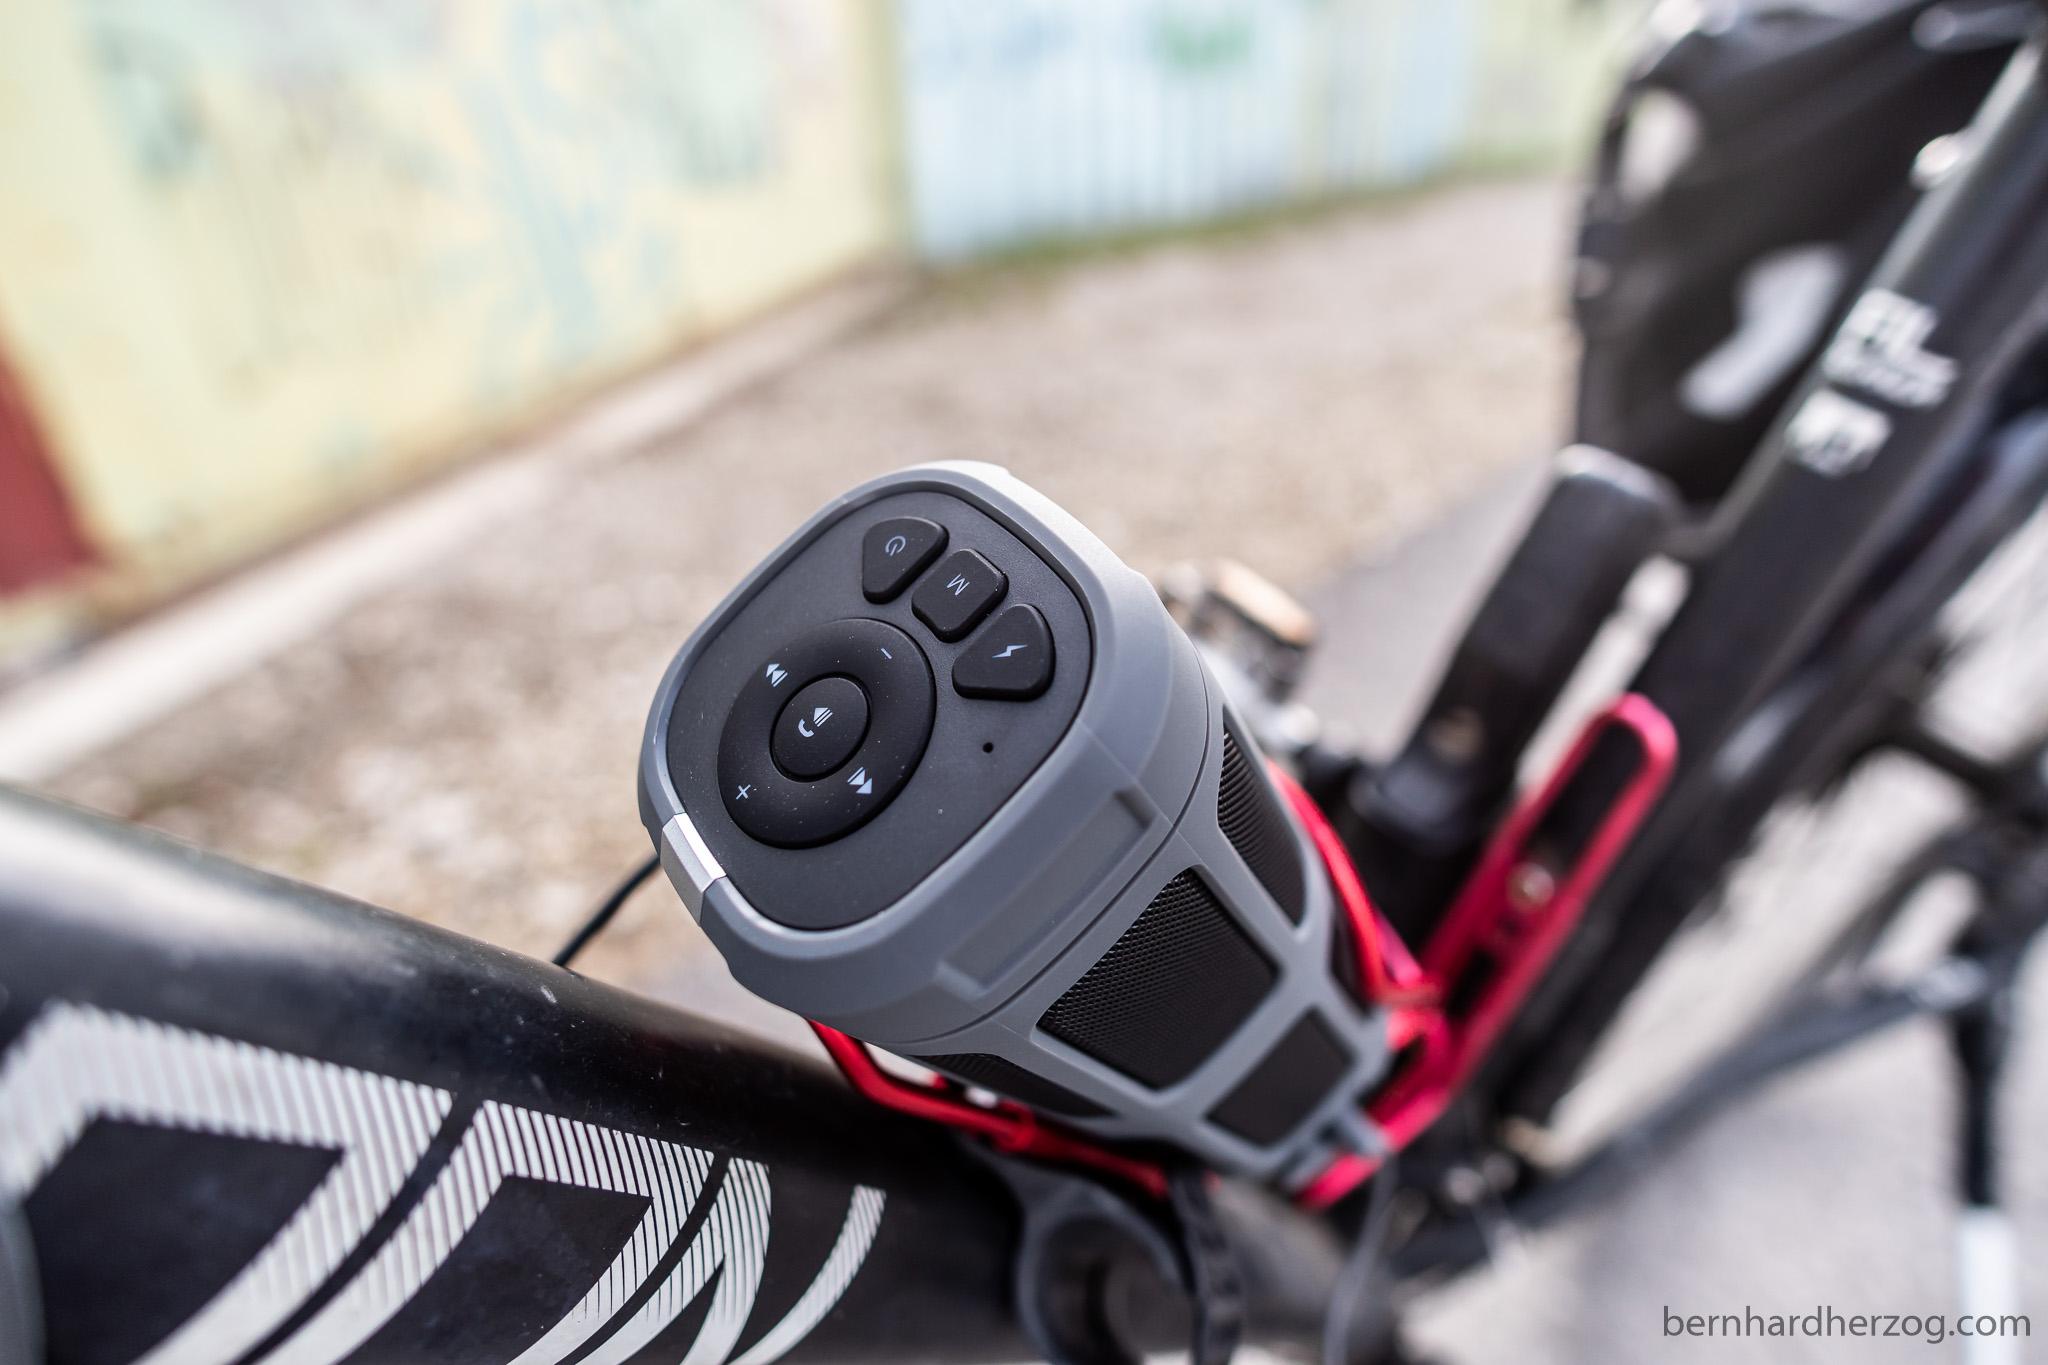 Uma caixa de som acoplada ao quadro de uma bicicleta